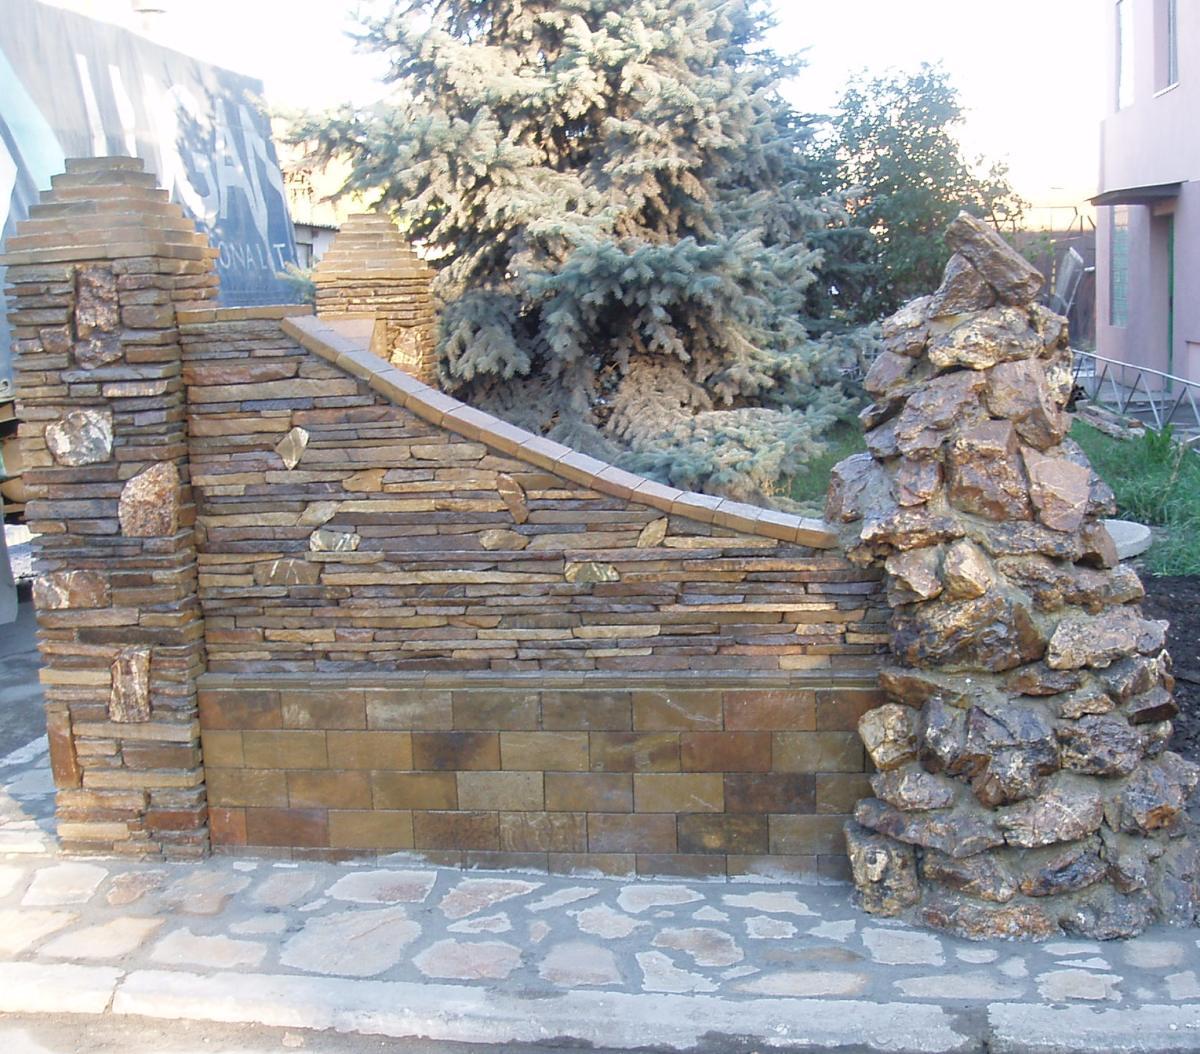 Когда забор облицован камнем, он выглядит намного эффектнее и массивнее, так как материал придает ему дополнительную толщину.